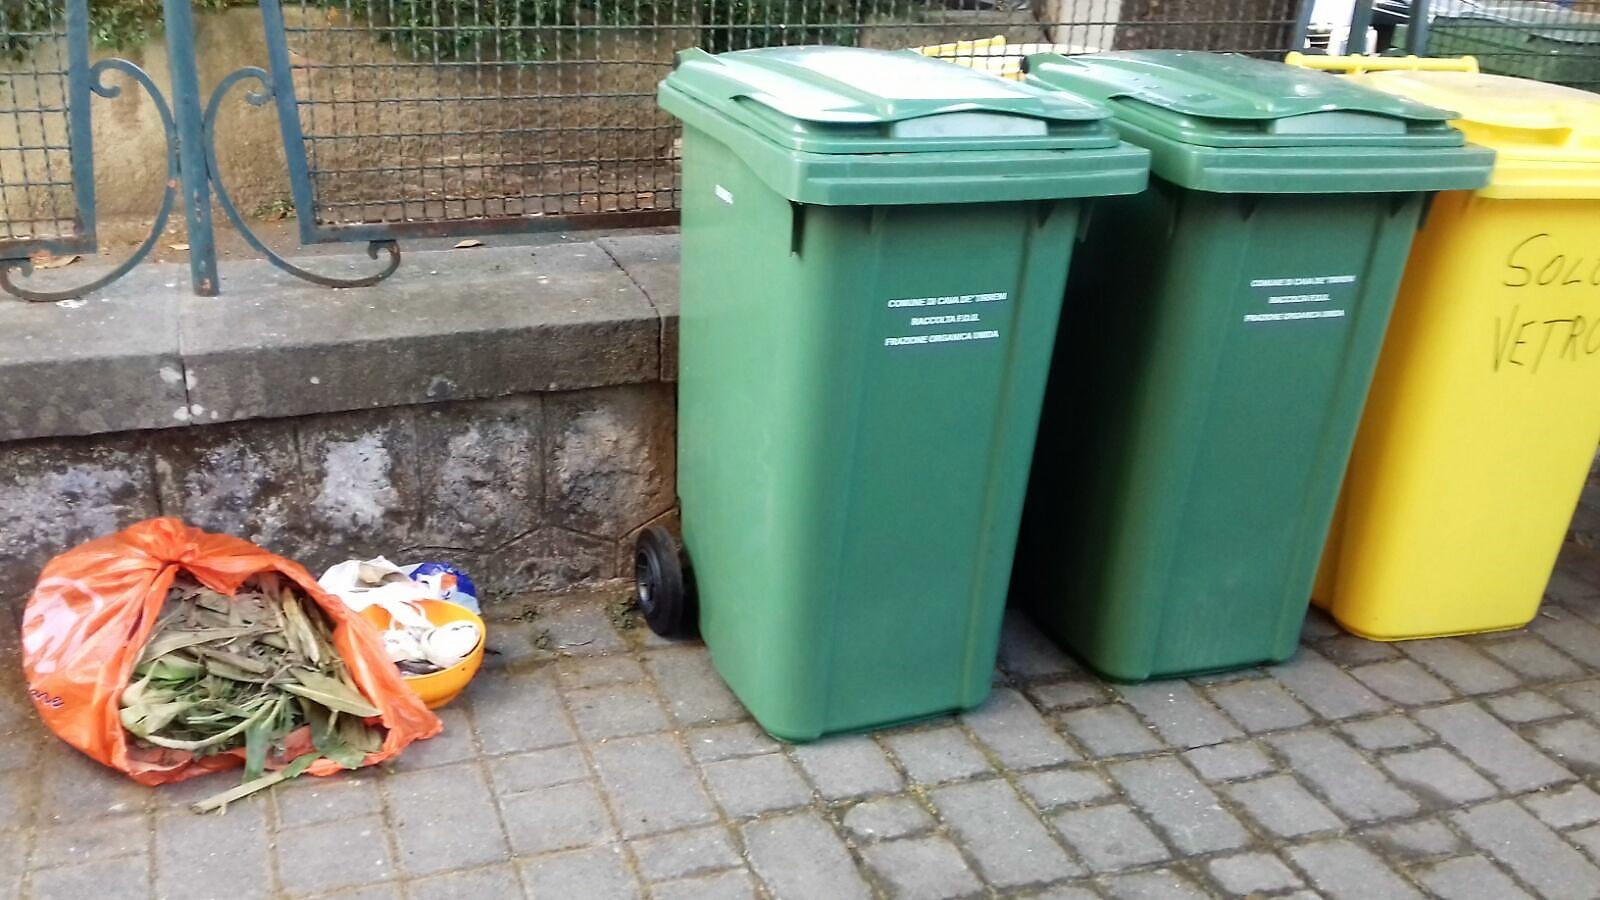 Battipaglia ferma lo stir subito emergenza rifiuti a cava for Pulizie domestiche salerno